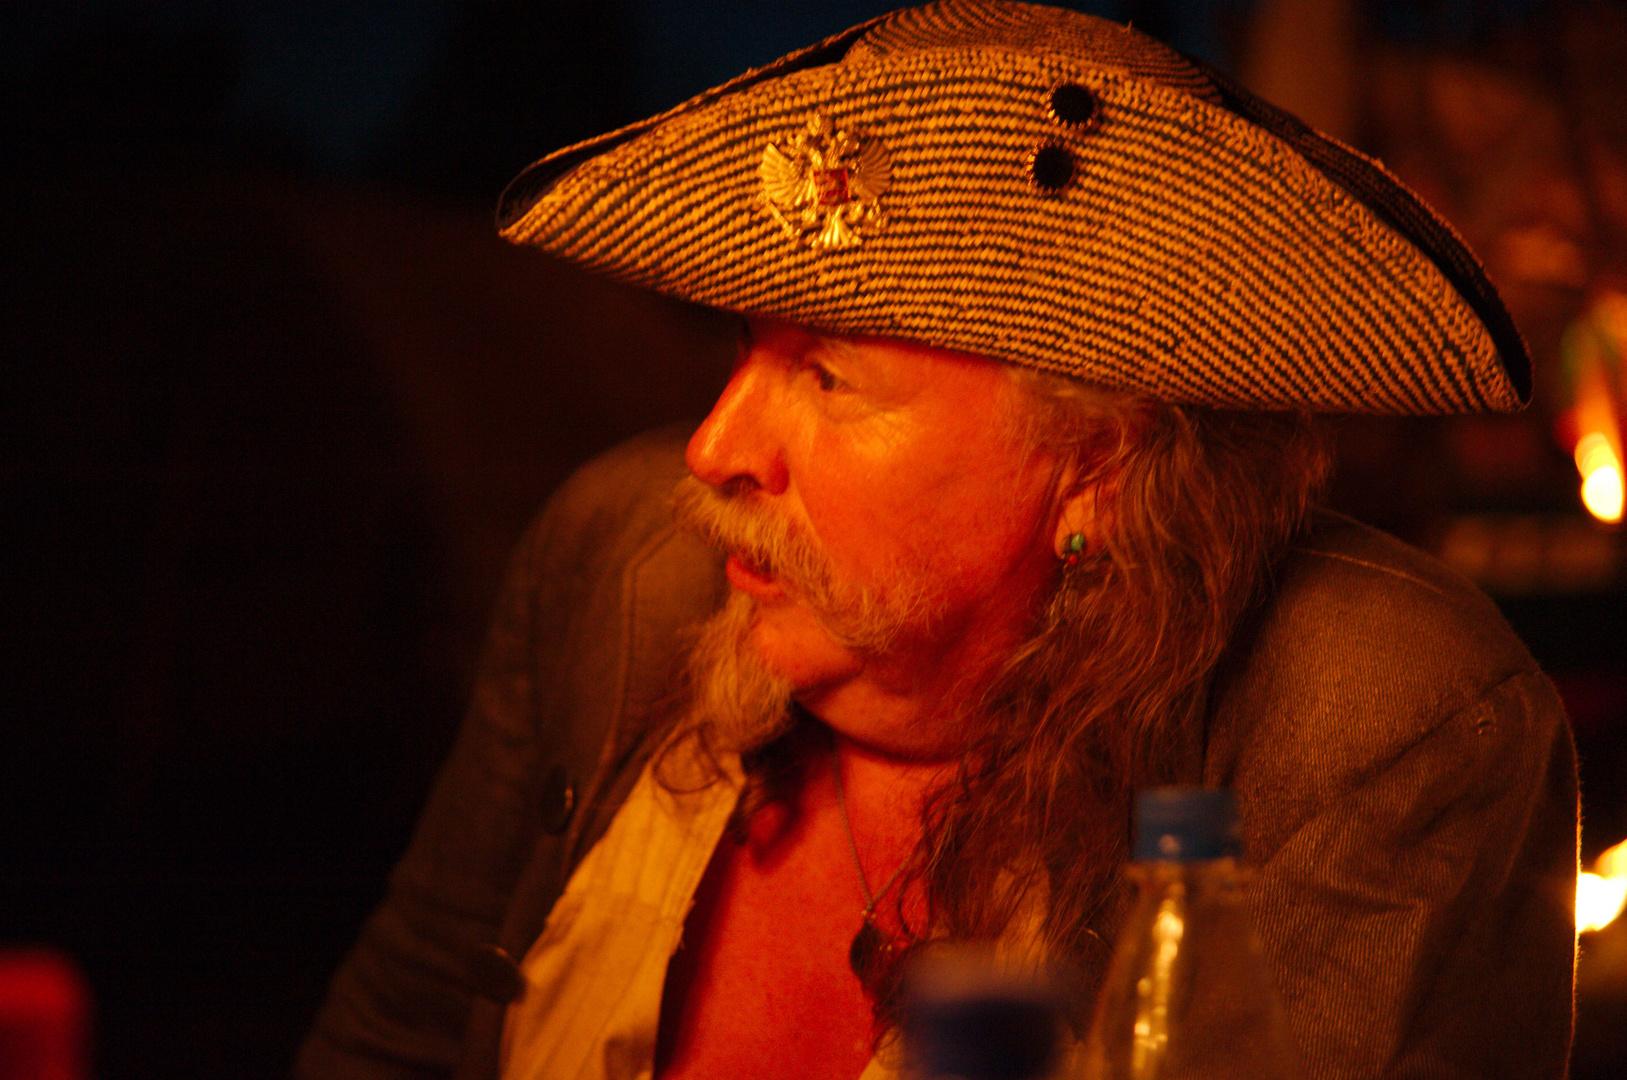 Piraten177